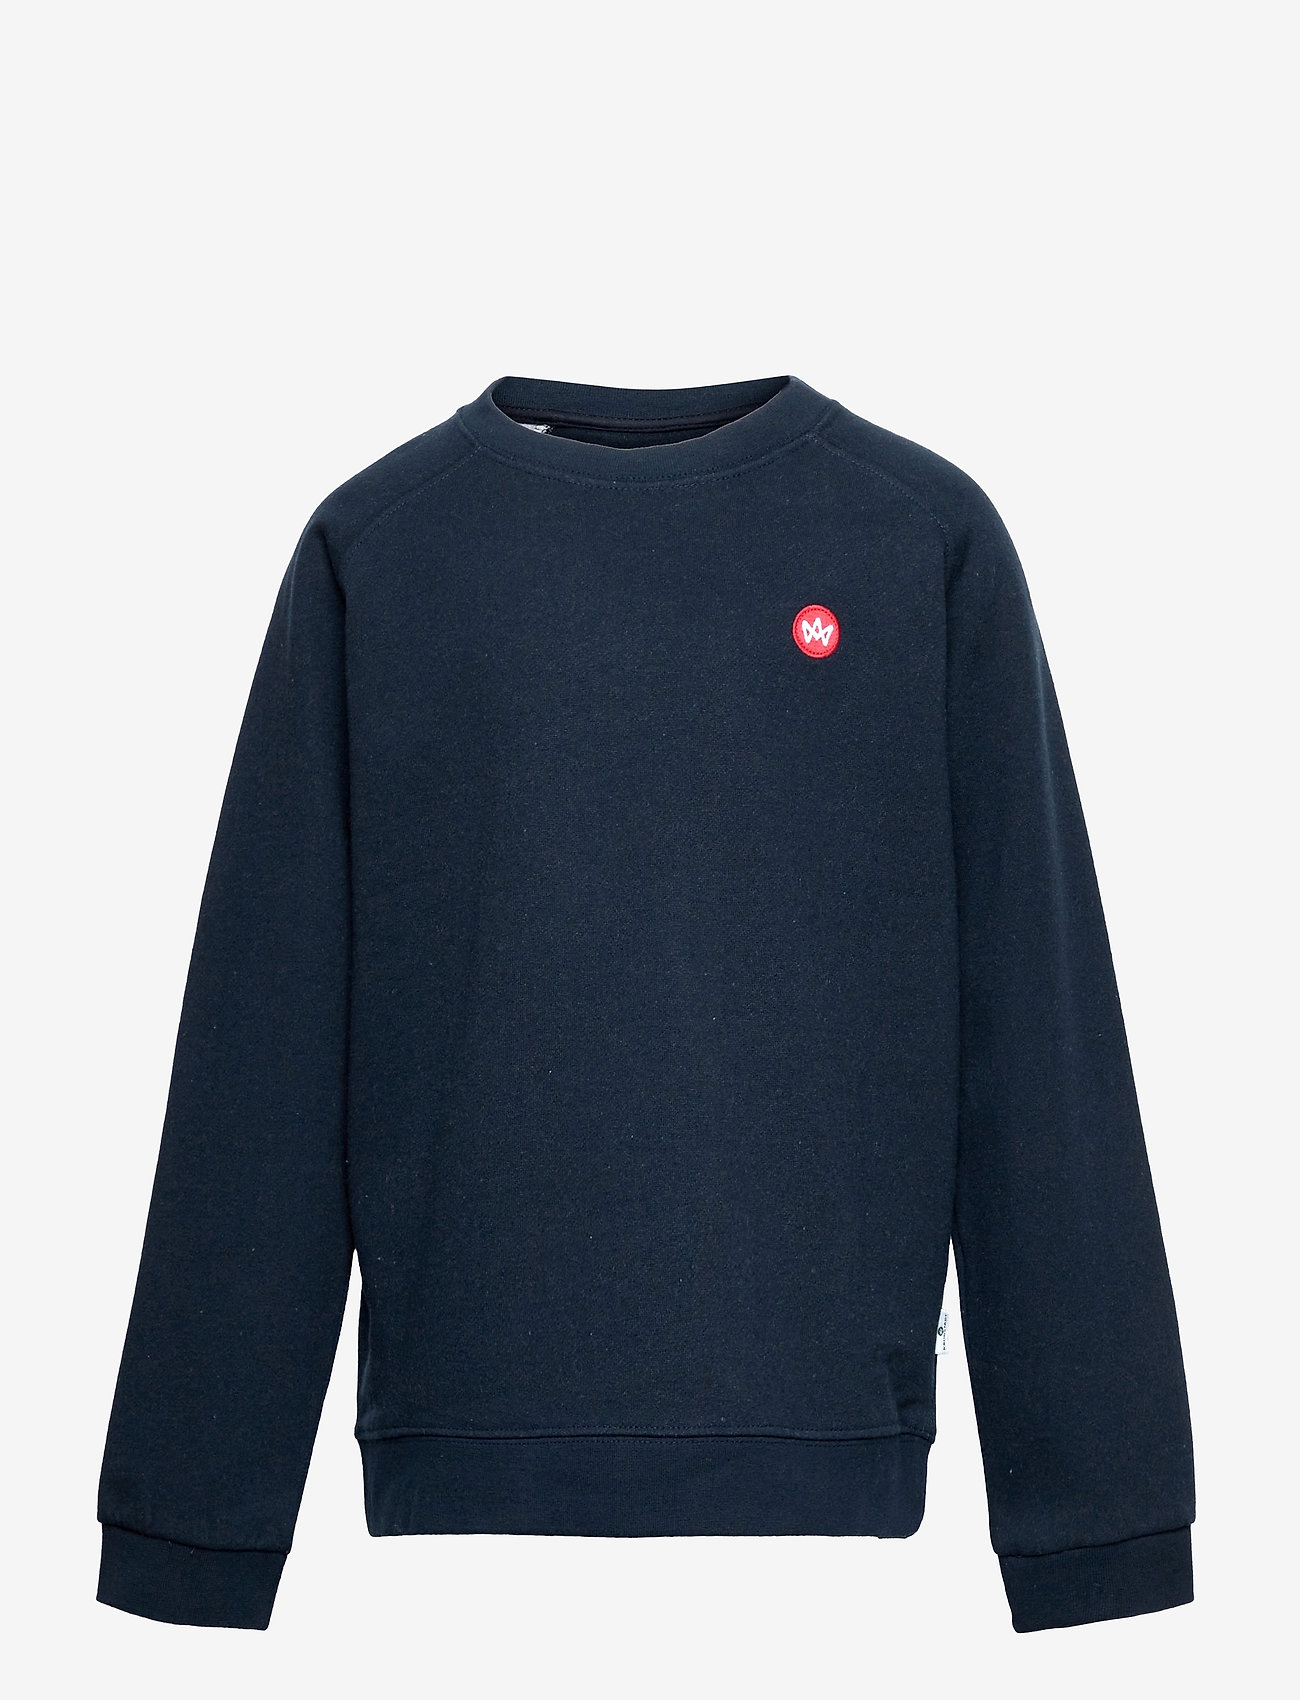 Kronstadt - Lars Crew Recycled - sweatshirts - navy - 0